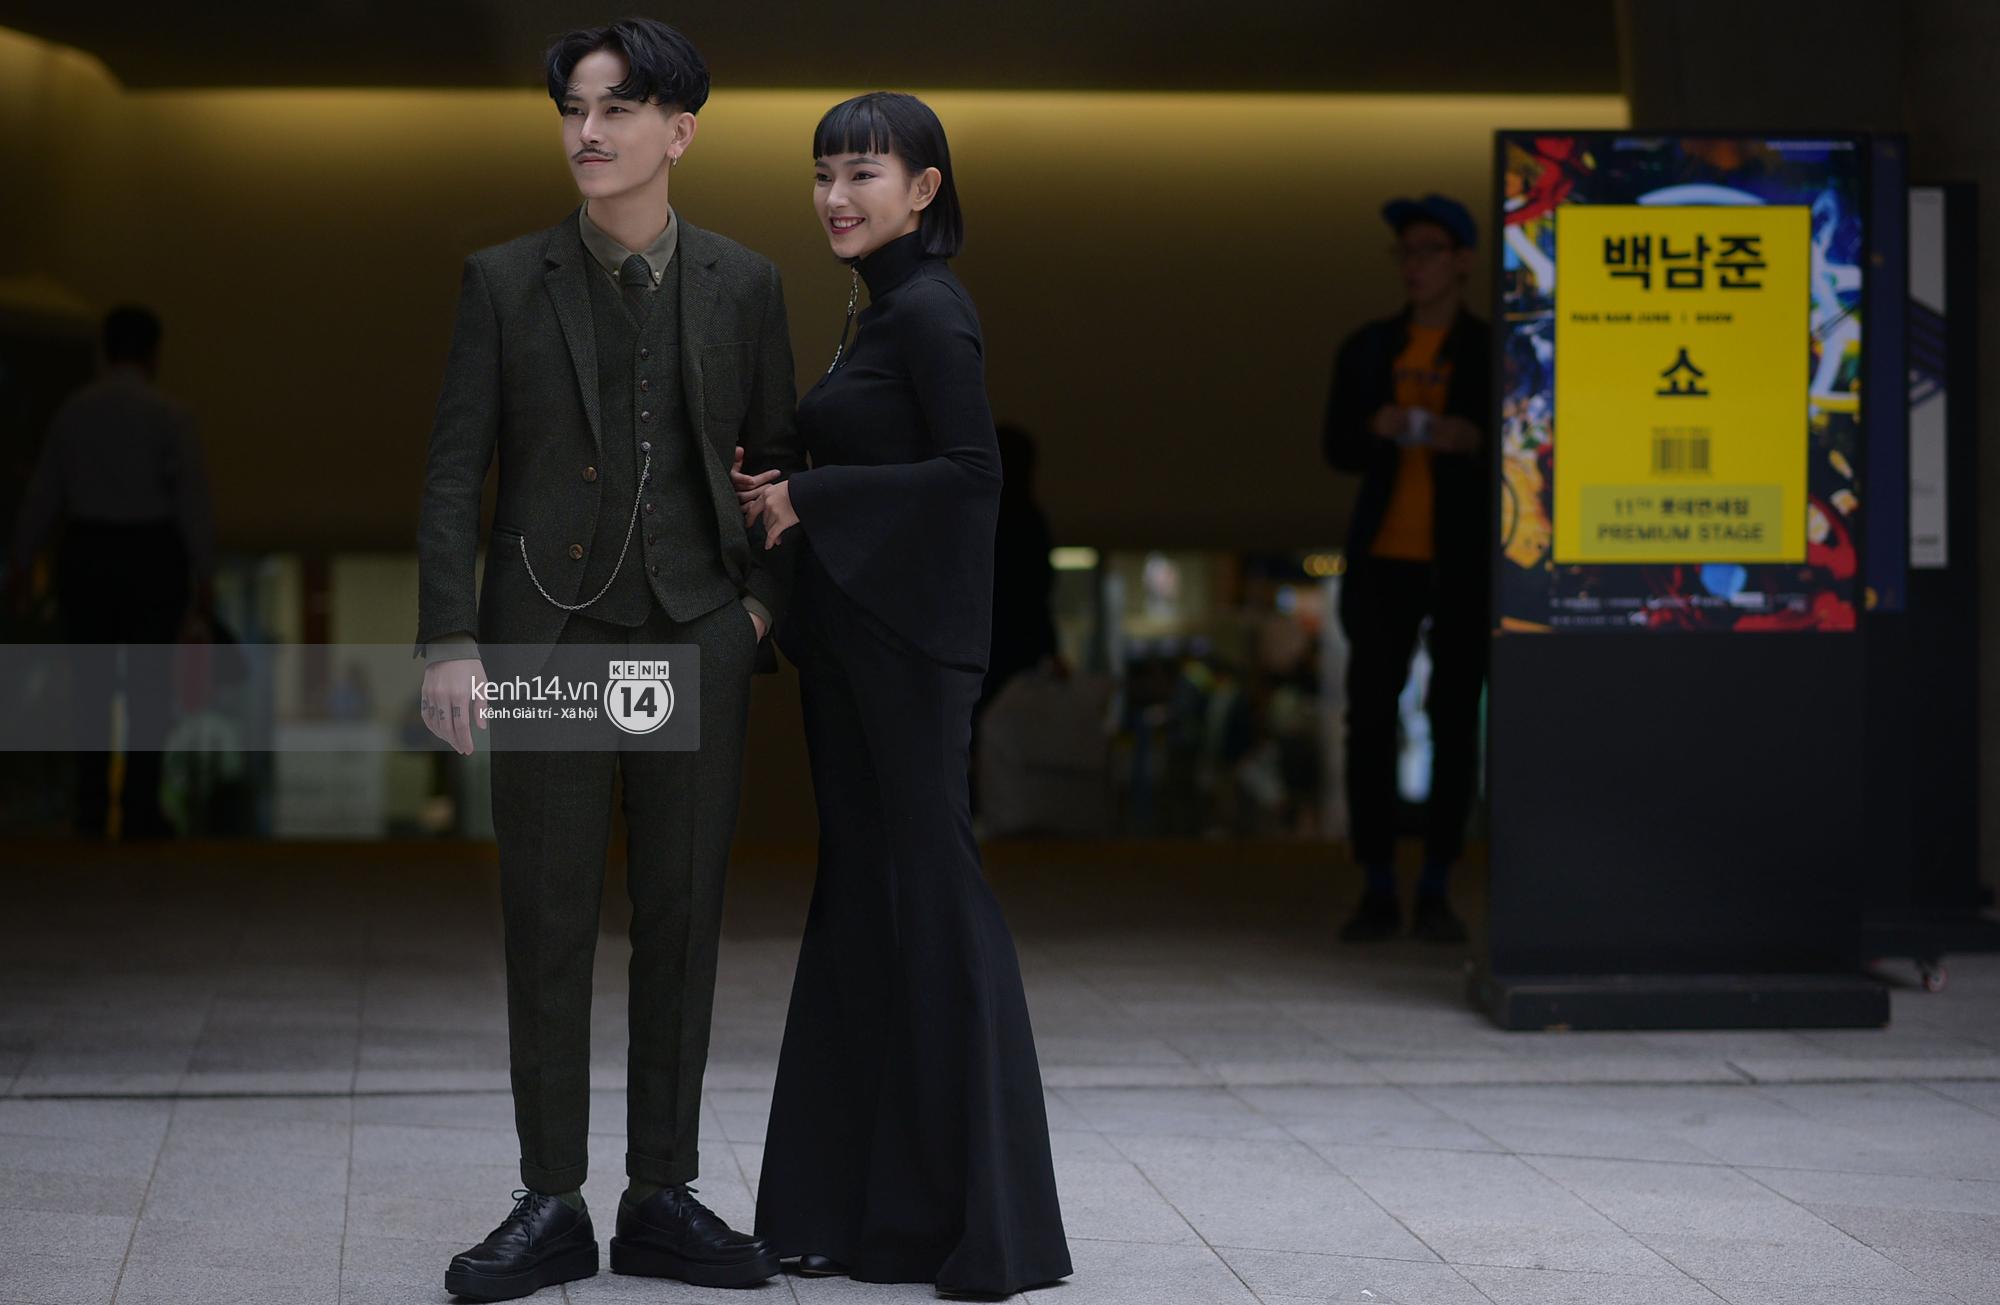 Ngày 5 Seoul Fashion Week: Fashionista Việt mặc gì để gây ấn tượng? - Ảnh 6.